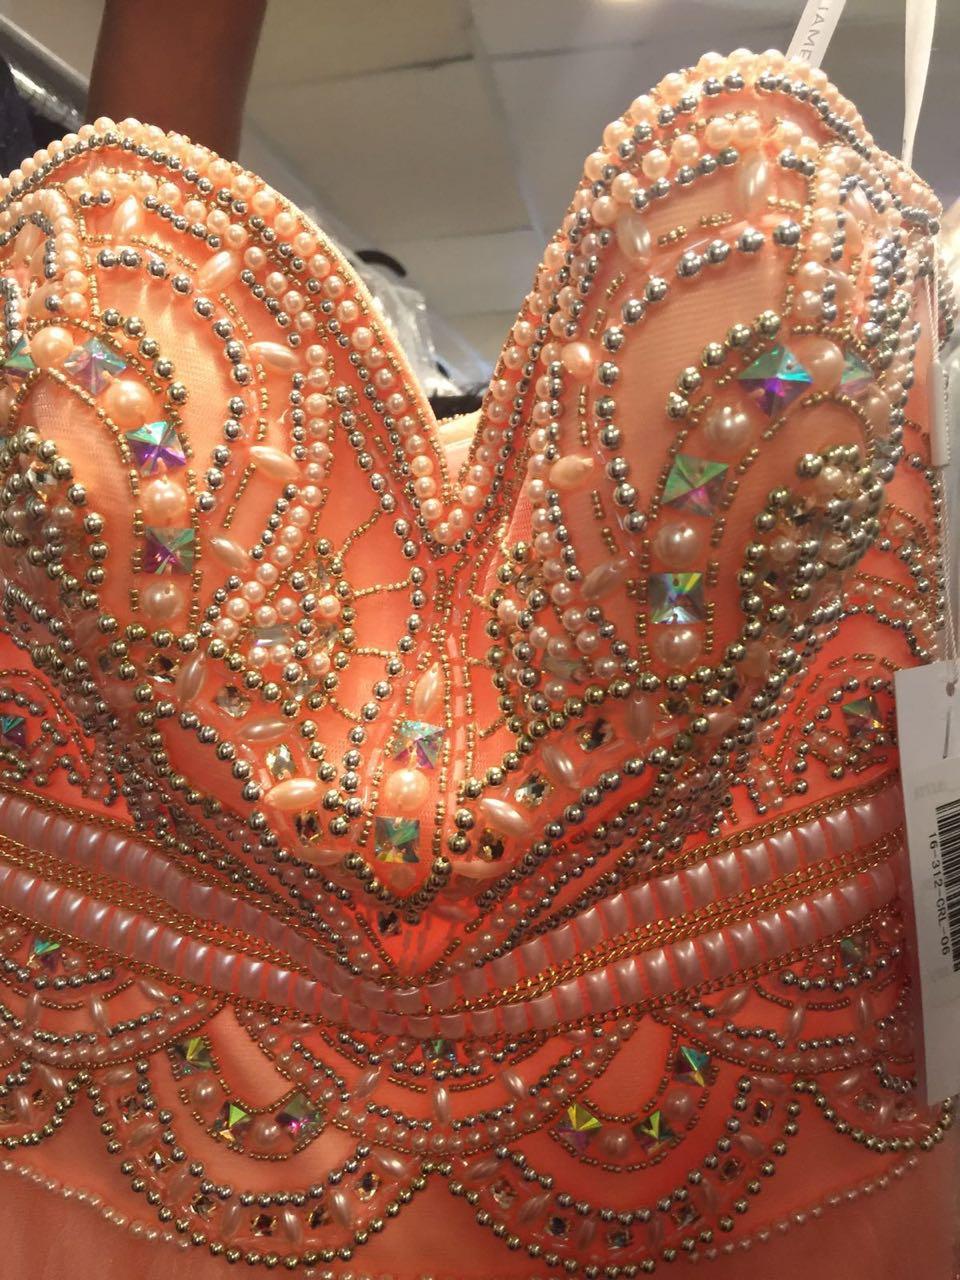 Increíble Sexy brillante 2018 cuentas formales de cristal cuentas de costura Organza largo Formal fiesta noche vestido de desfile - 4